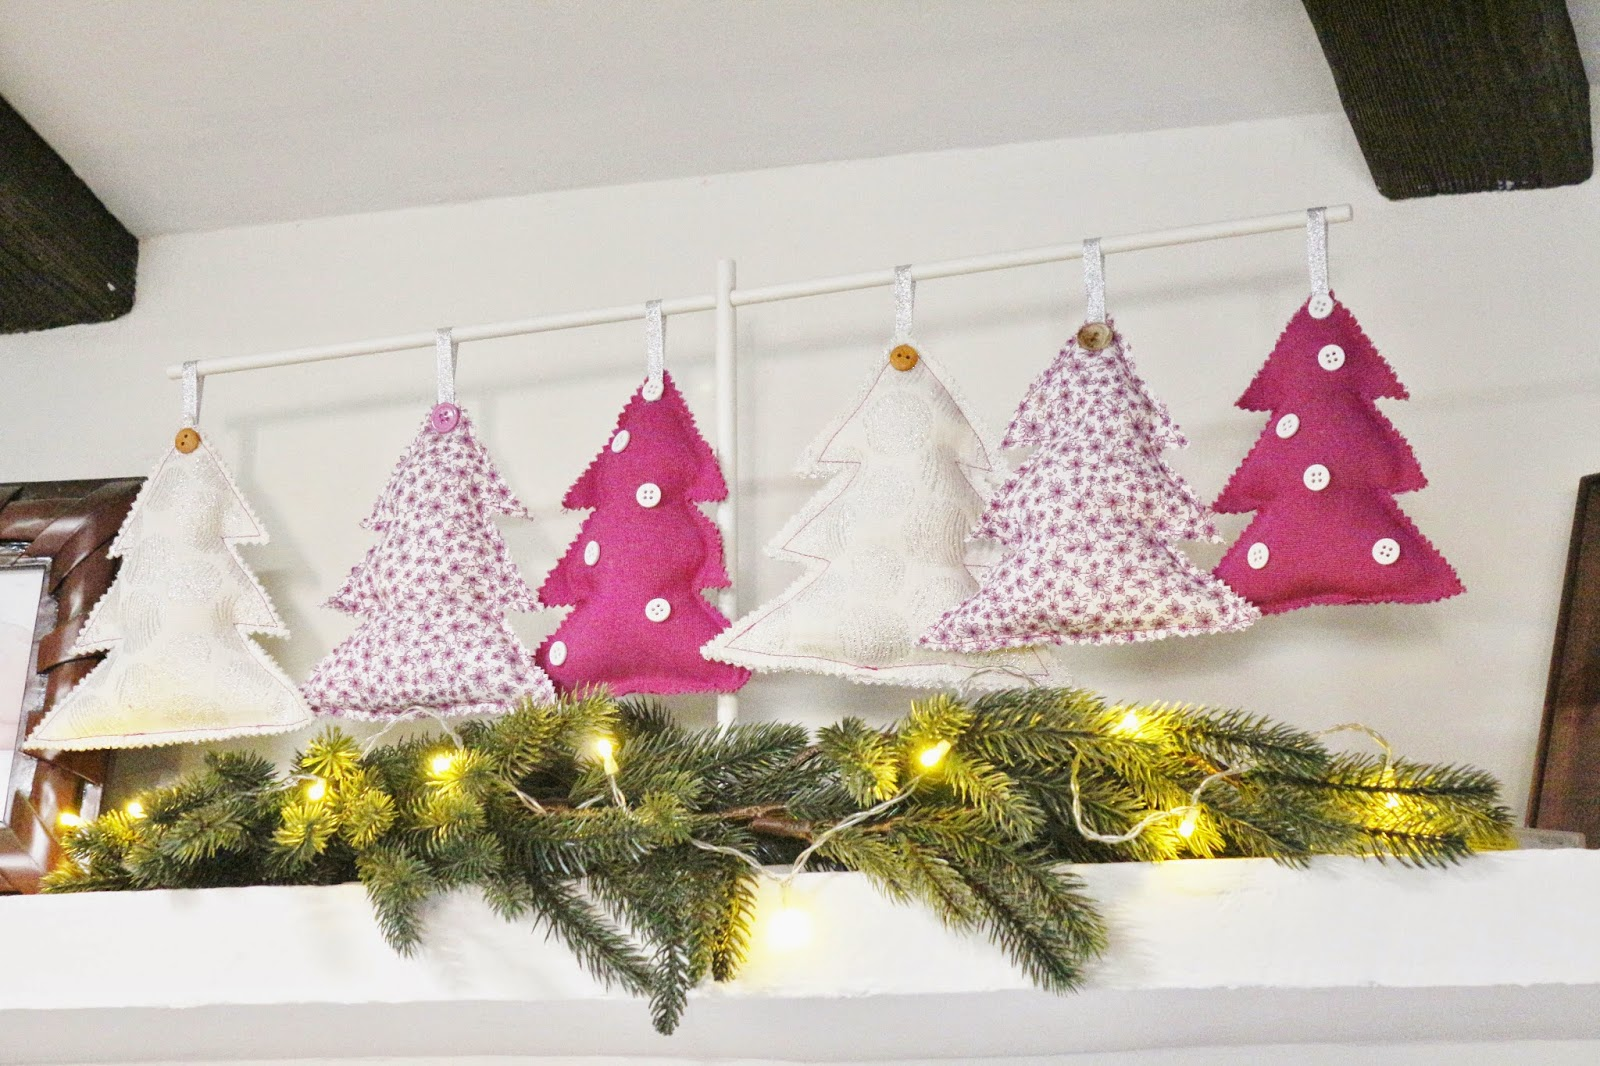 Como hacer adornos navidad paso a paso aprender for Manualidades para hacer adornos de navidad